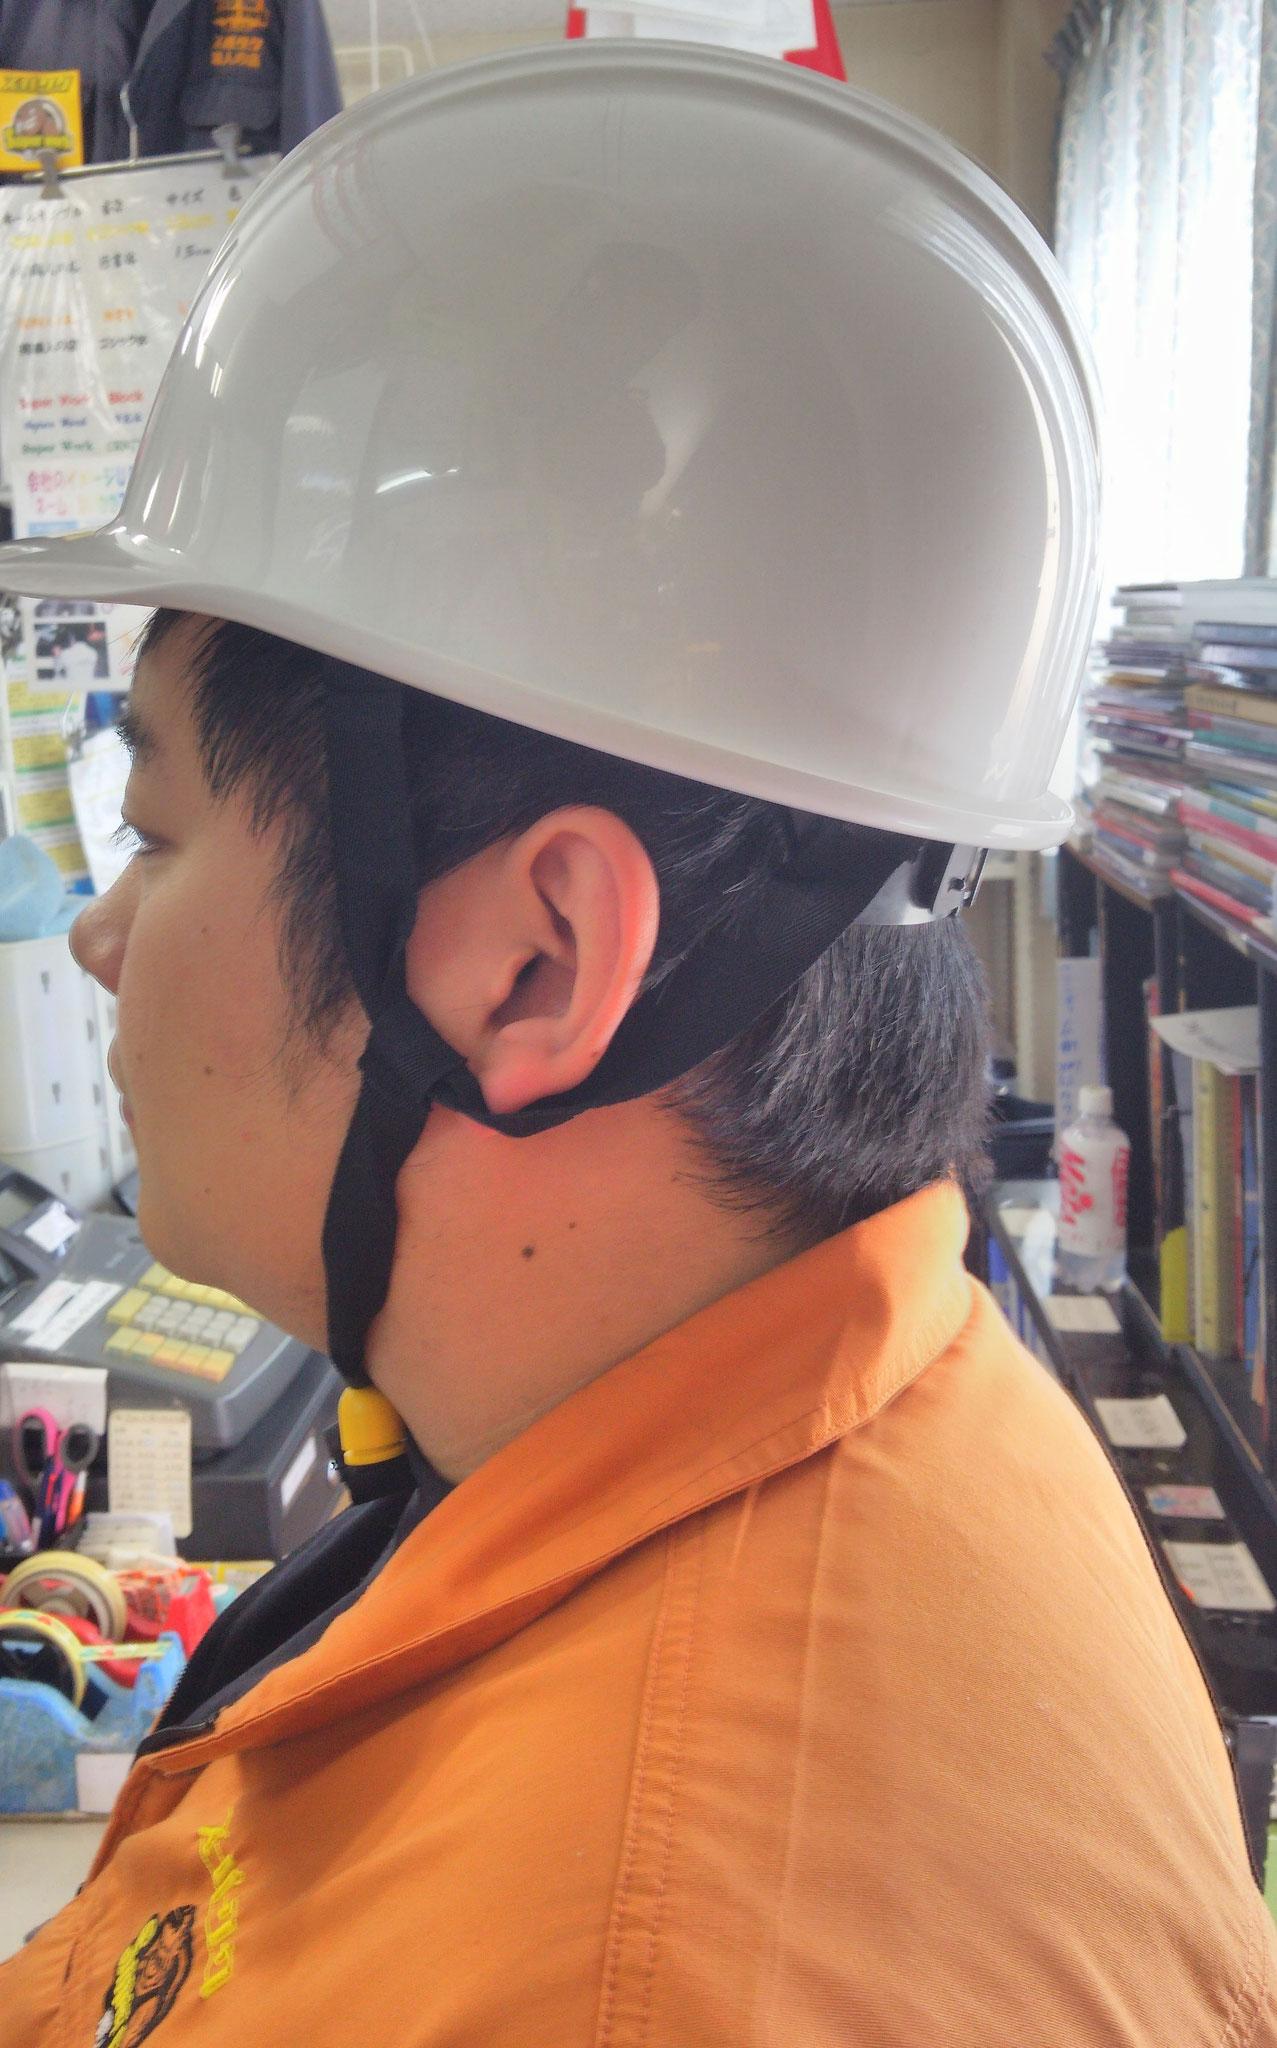 KAGAヘルメット アメリカン型BS-1Pライナー入¥1,595(税込)左側